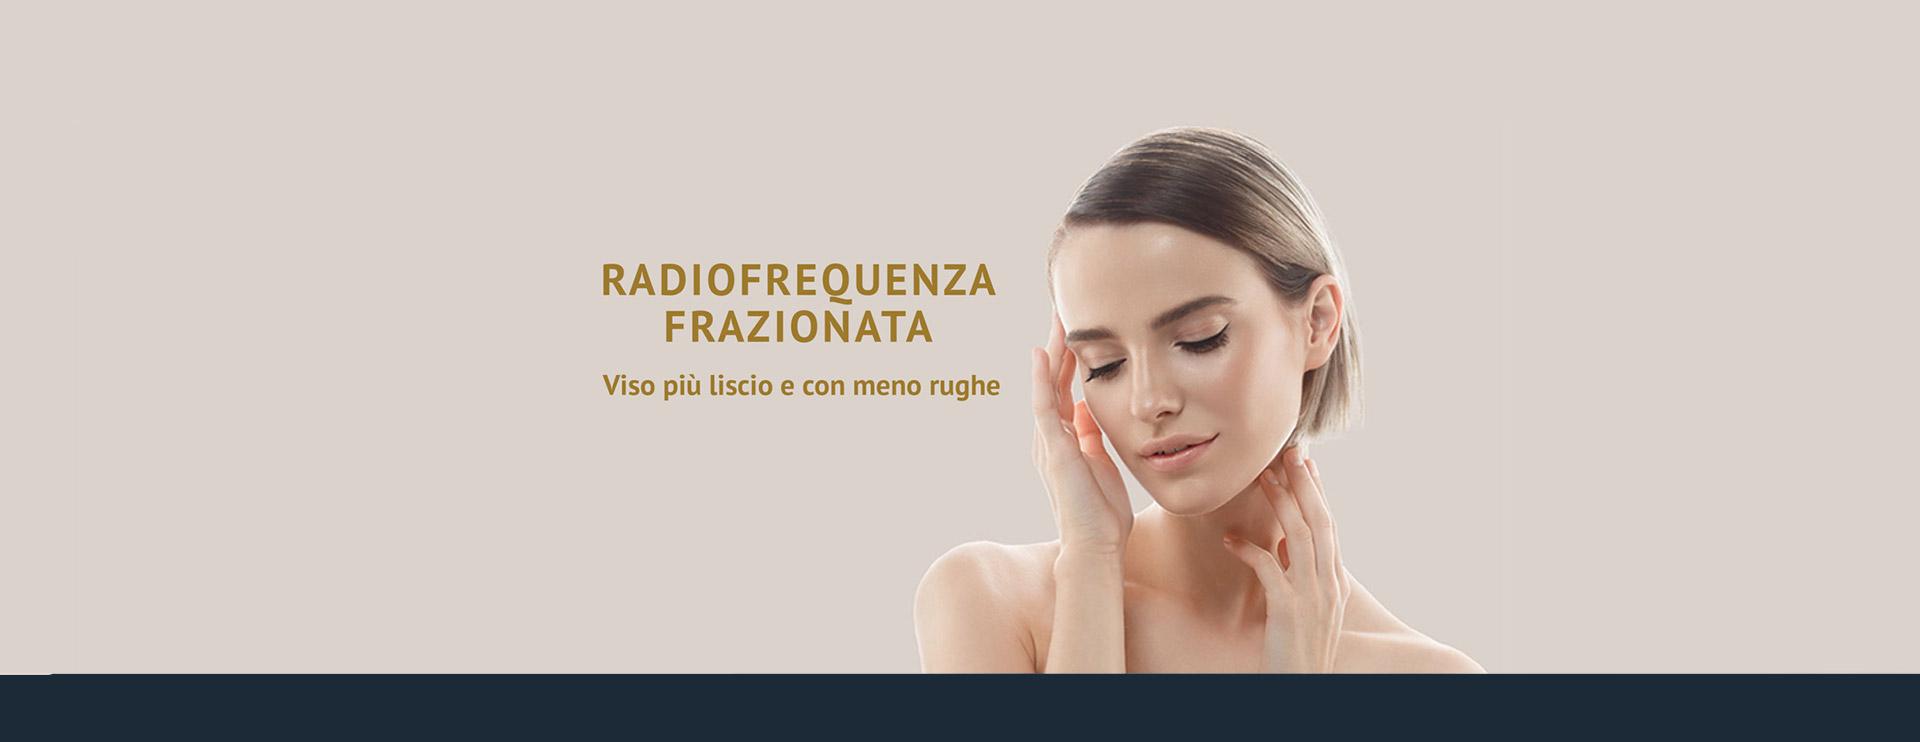 radiofrequenza-frazionata-centro-medico-estetico-lariano